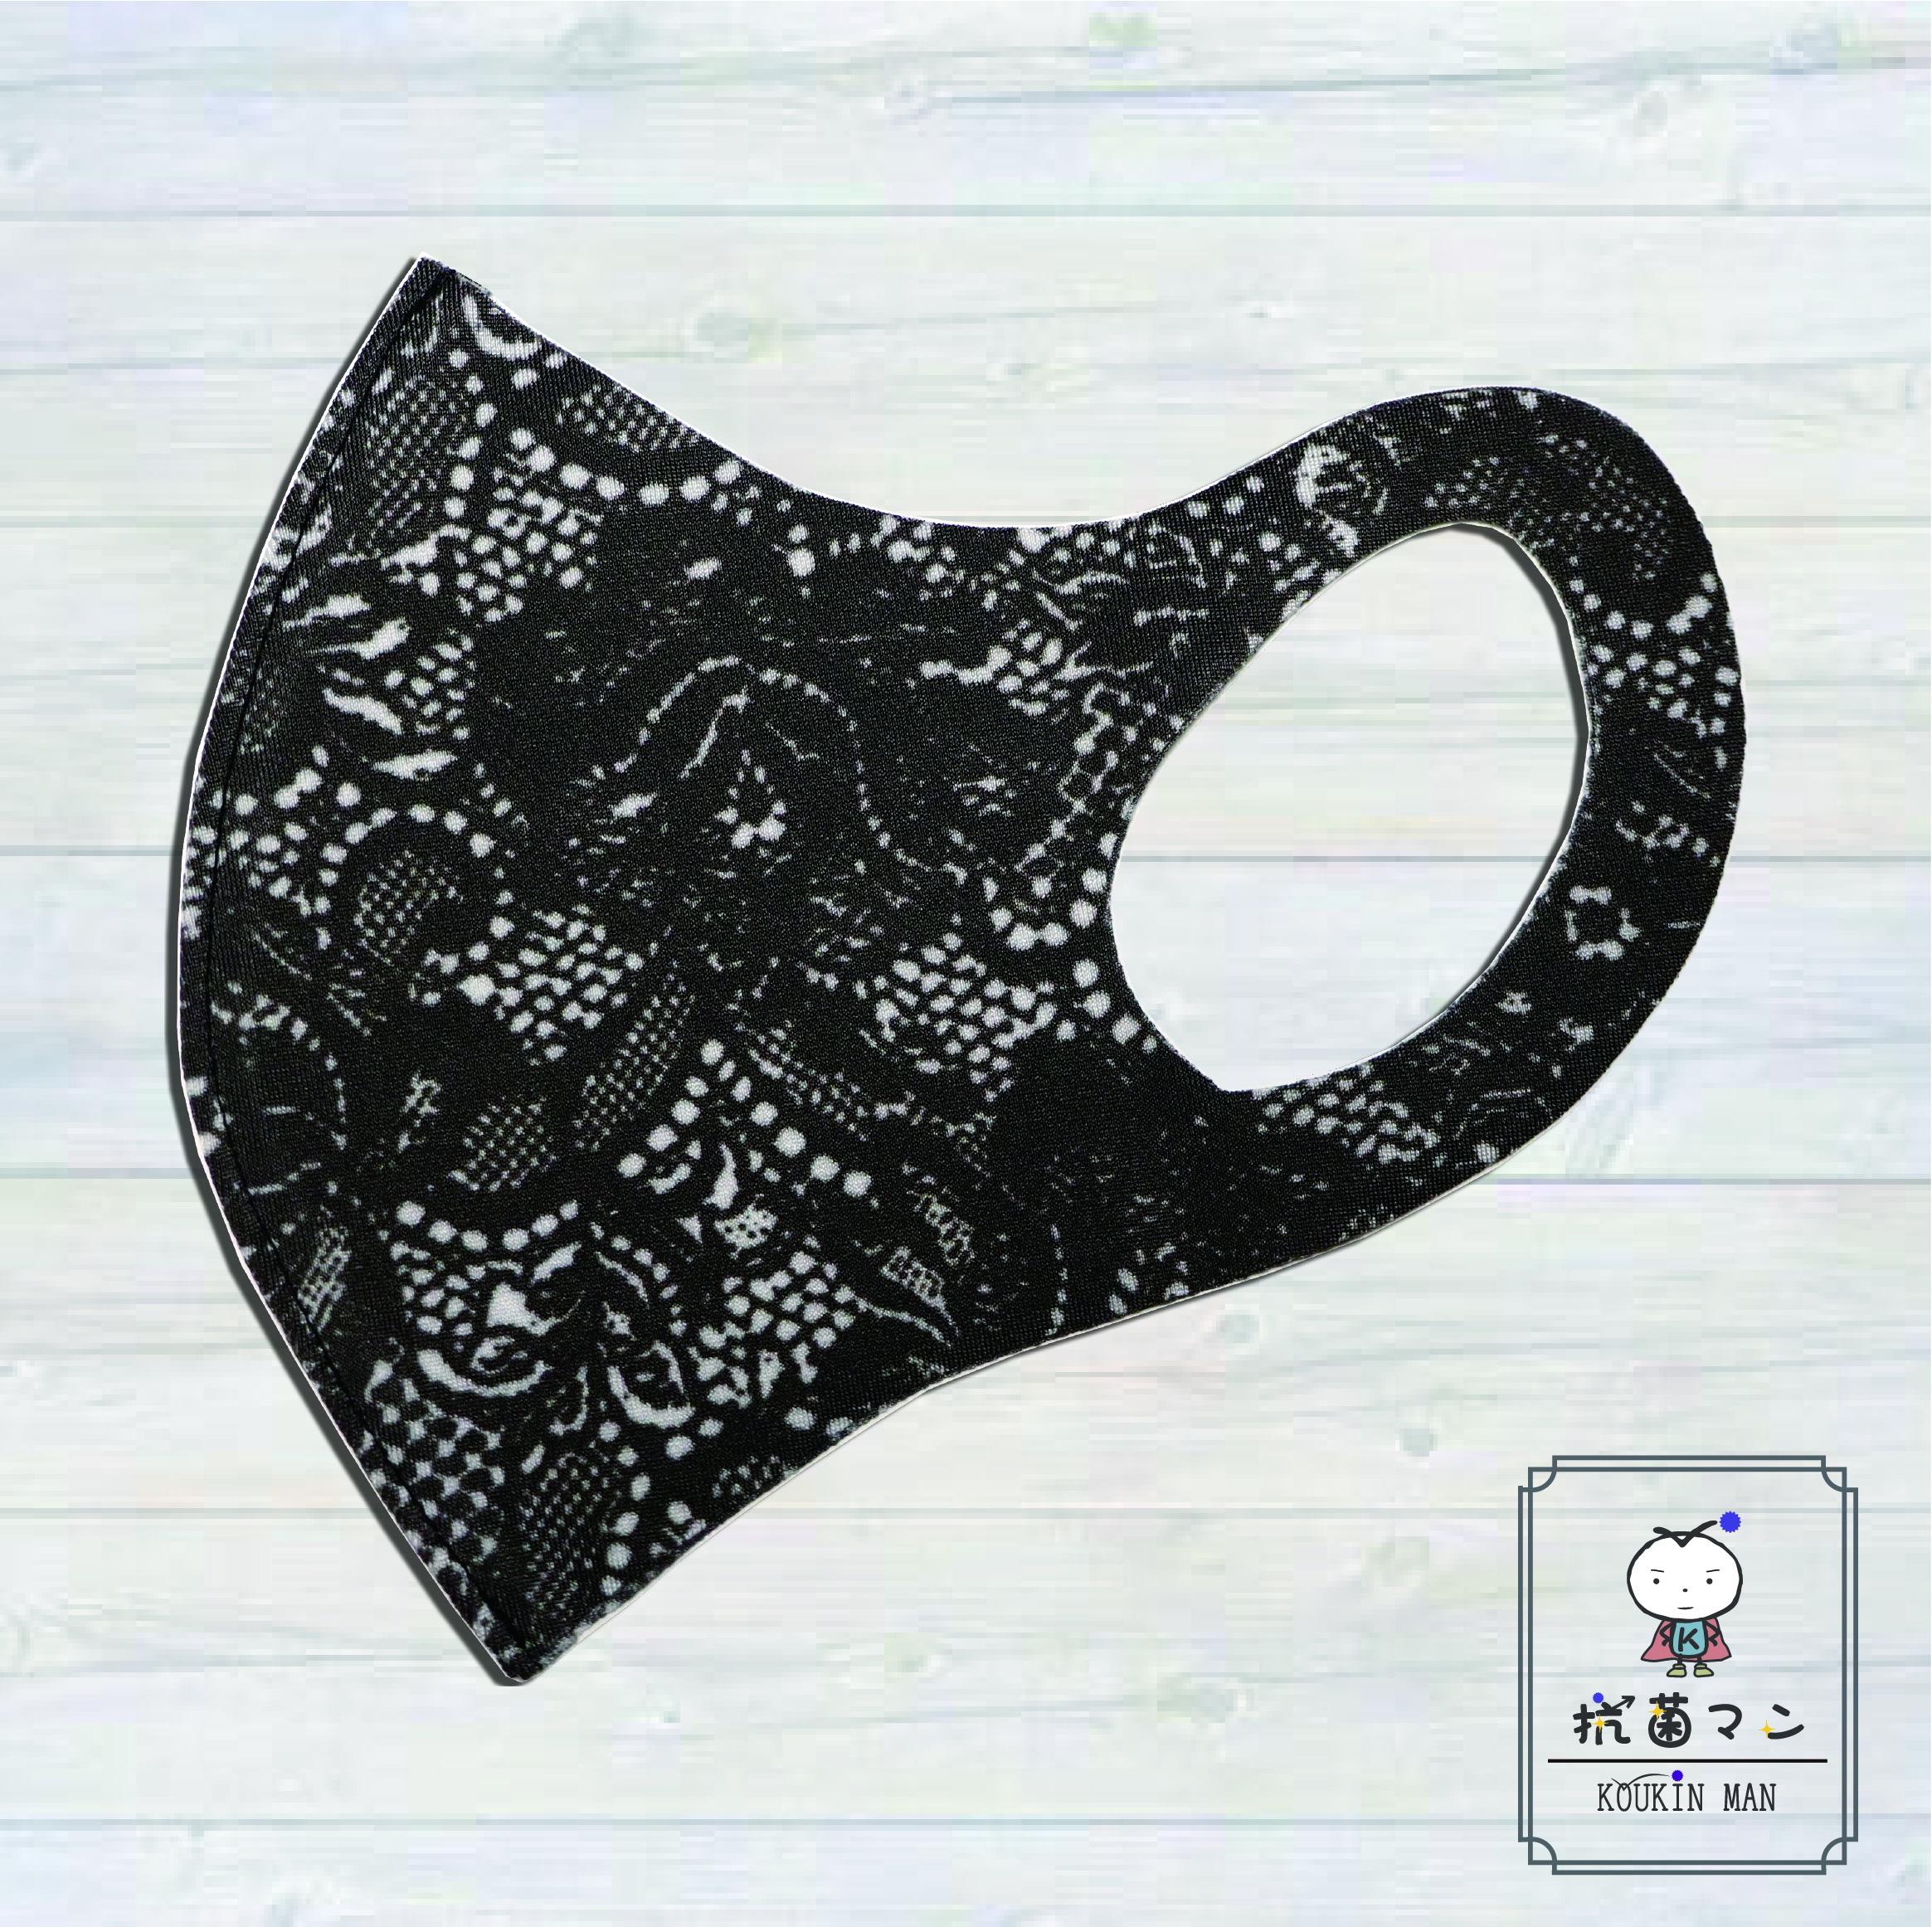 3Dレースプリントマスク